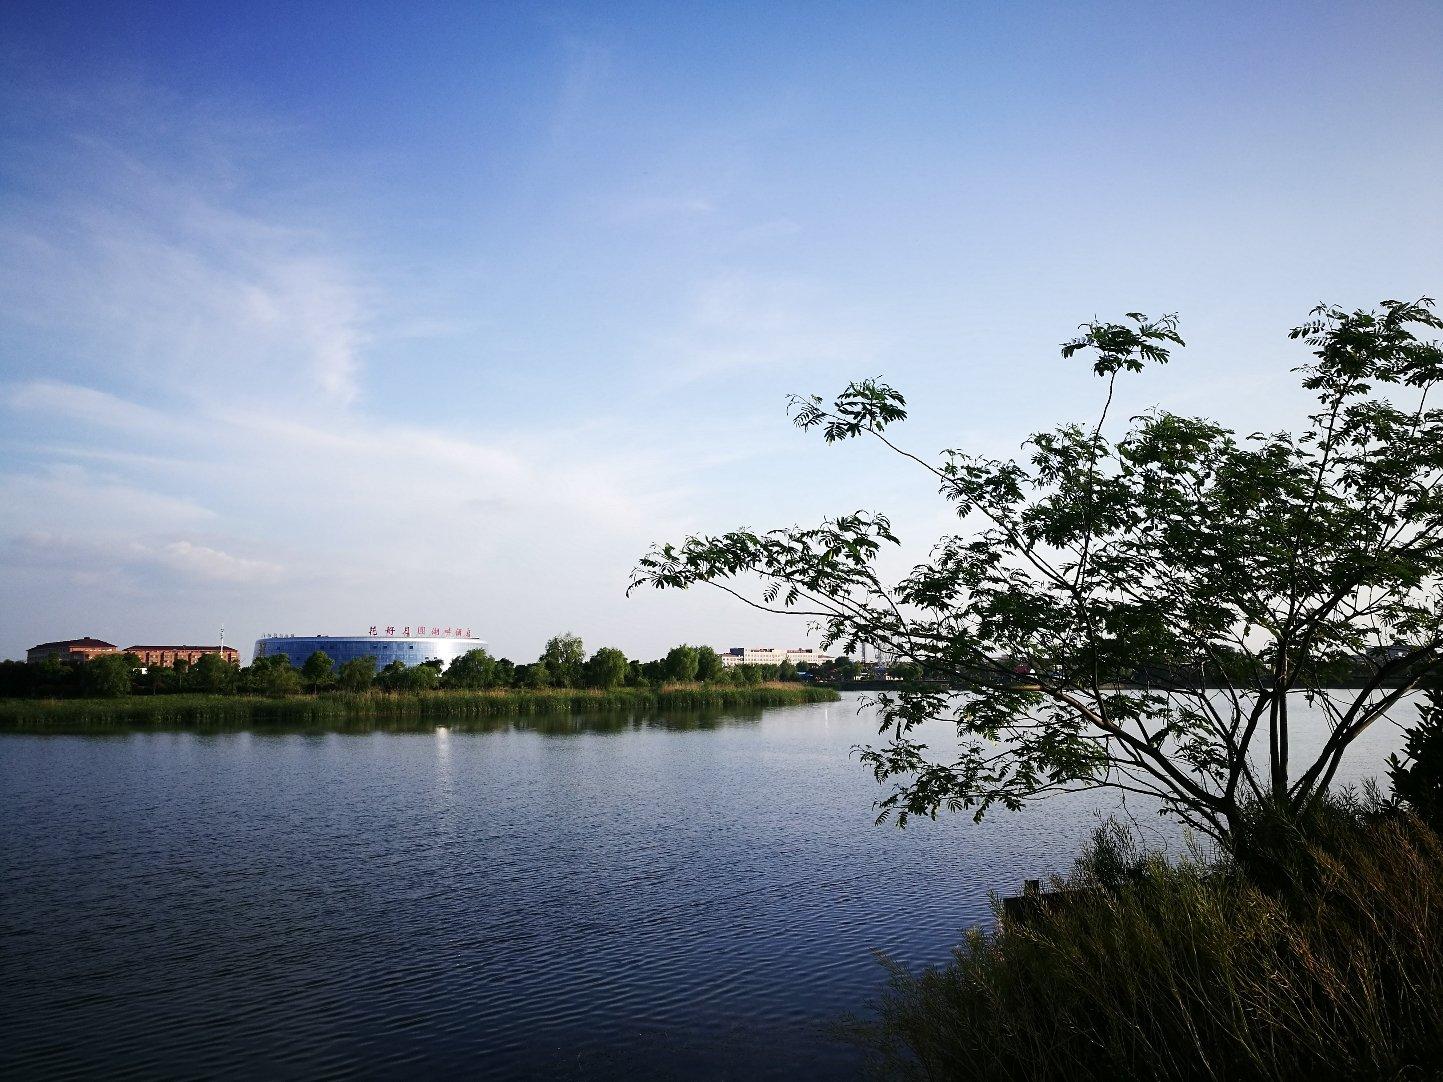 江苏省南通市海安县城东镇七星湖社区警务室七星湖生态园天气预报